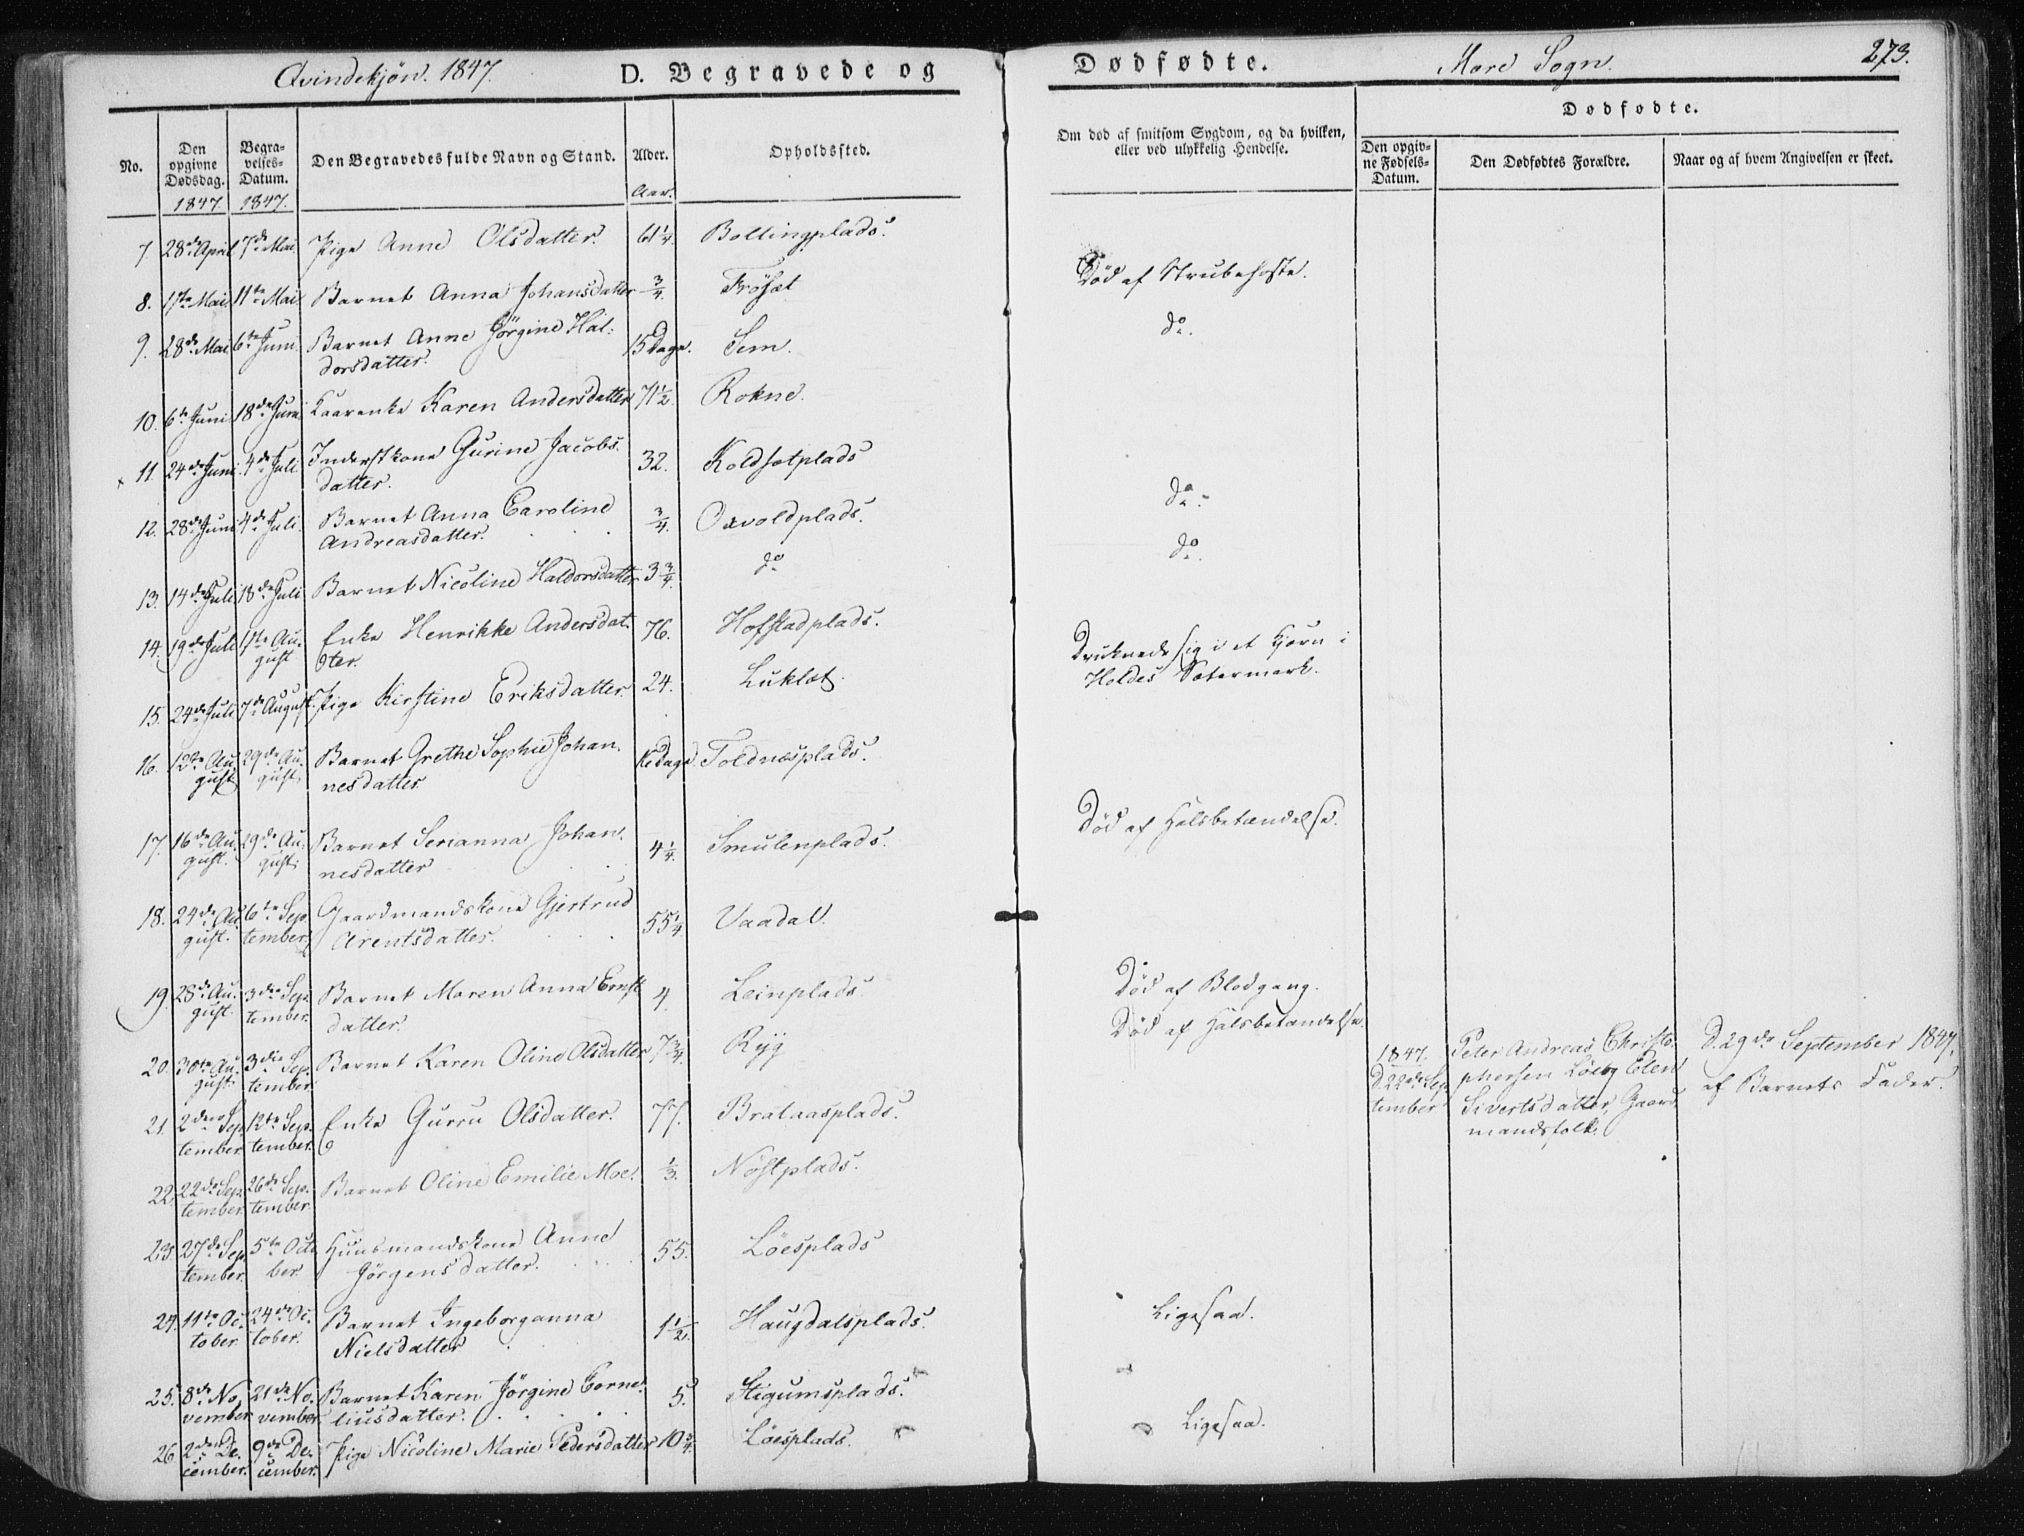 SAT, Ministerialprotokoller, klokkerbøker og fødselsregistre - Nord-Trøndelag, 735/L0339: Ministerialbok nr. 735A06 /1, 1836-1848, s. 273